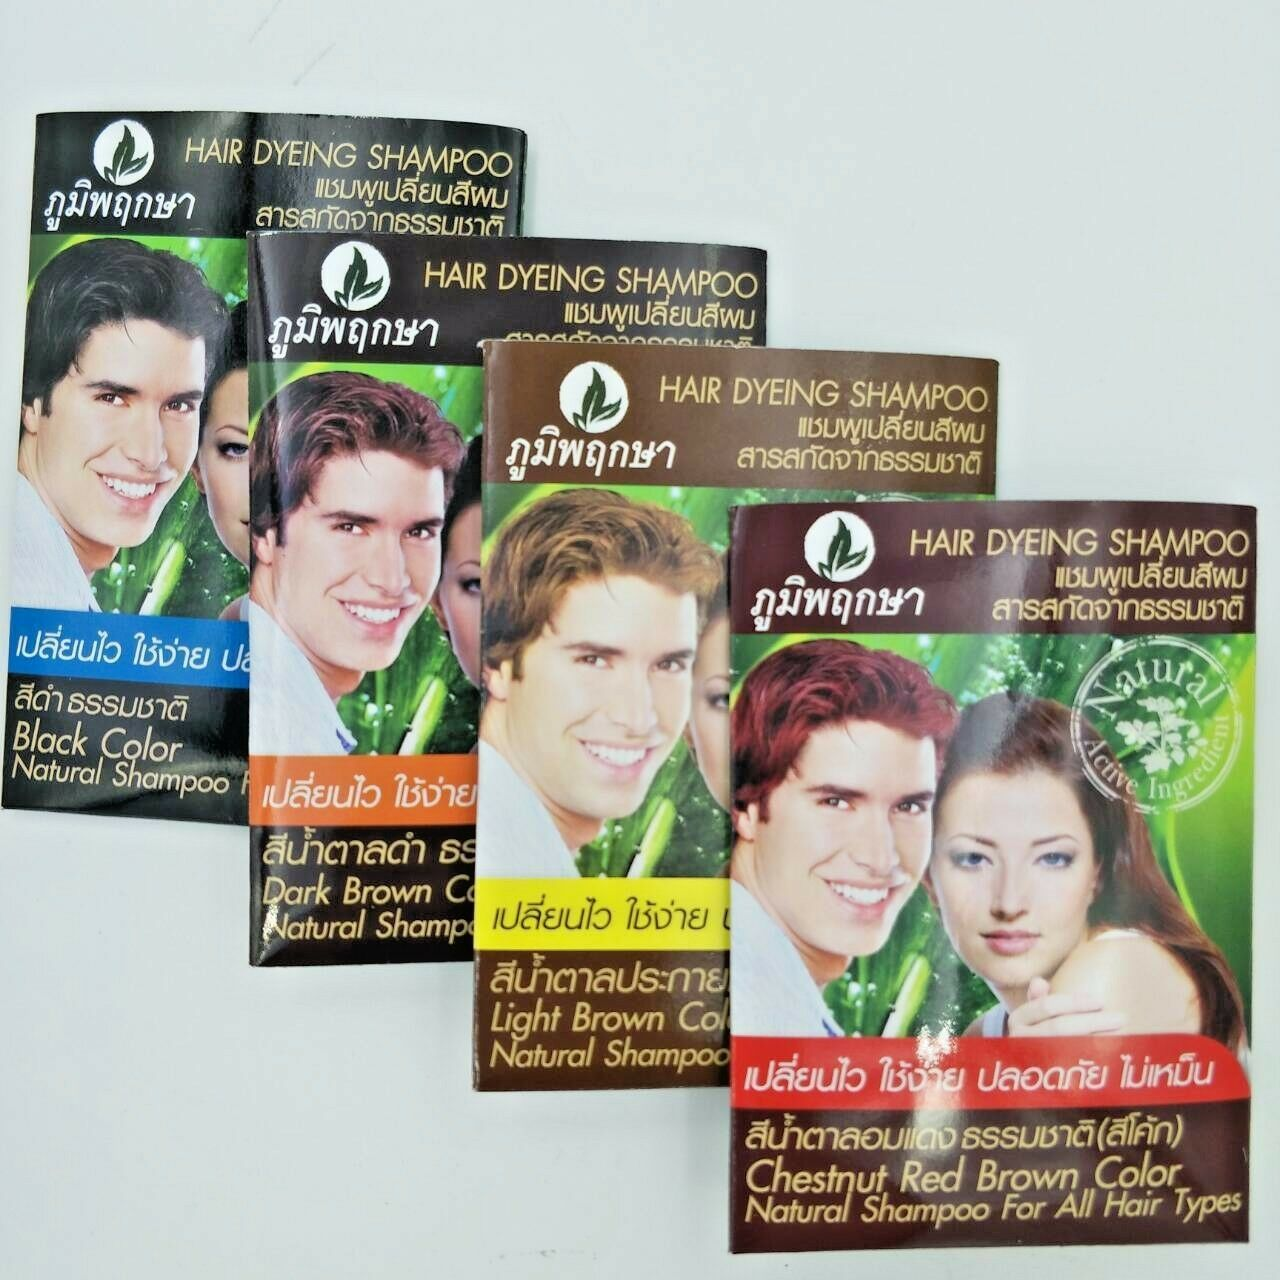 3pcs Poompuksa Hair Dyeing Shampoo Natural Henna Thai Herb Light